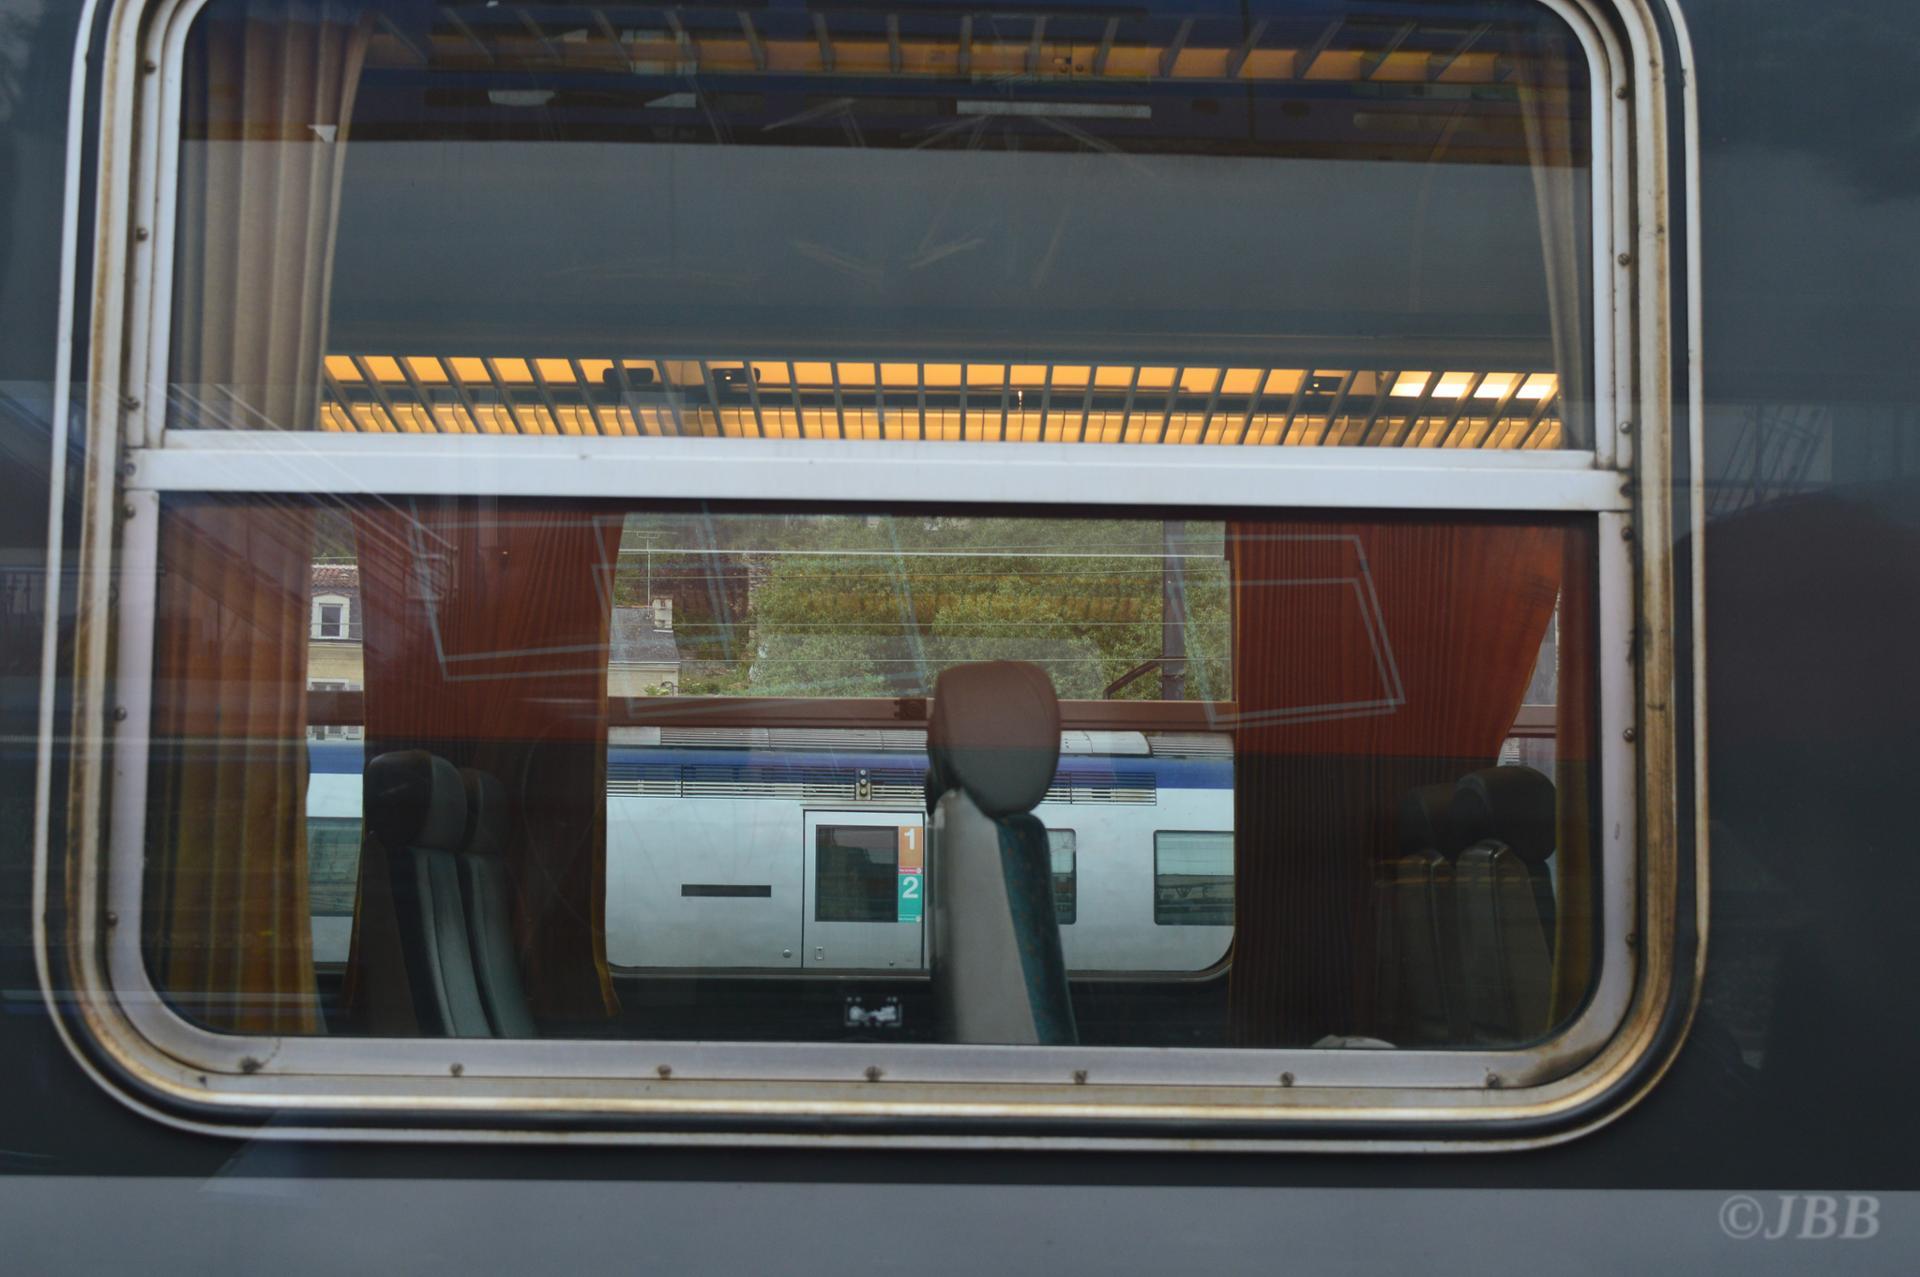 Fenêtre sur Trains